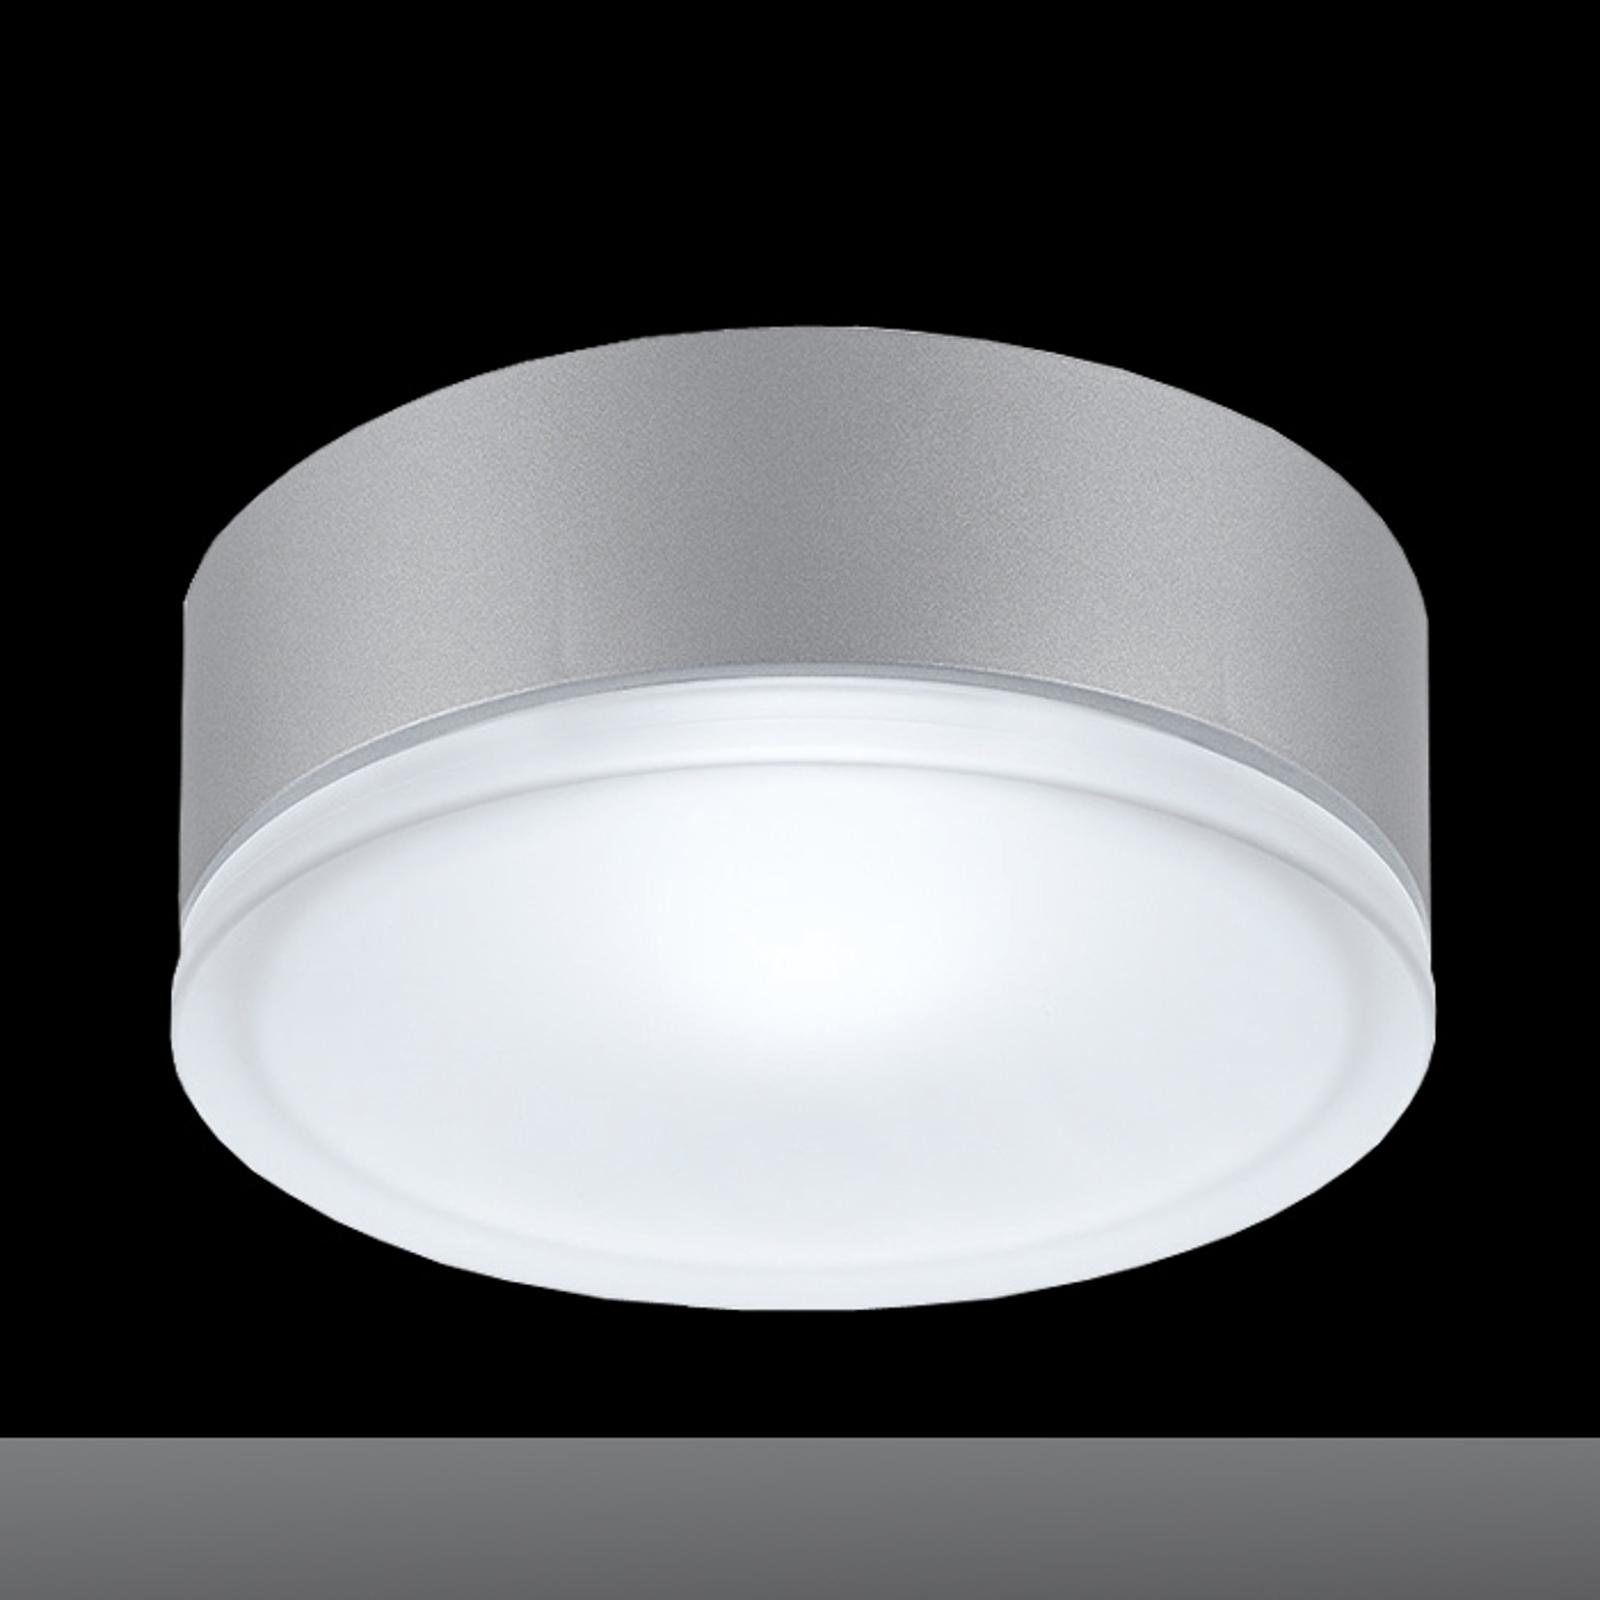 DROP 28 - duża lampa sufitowa, szara